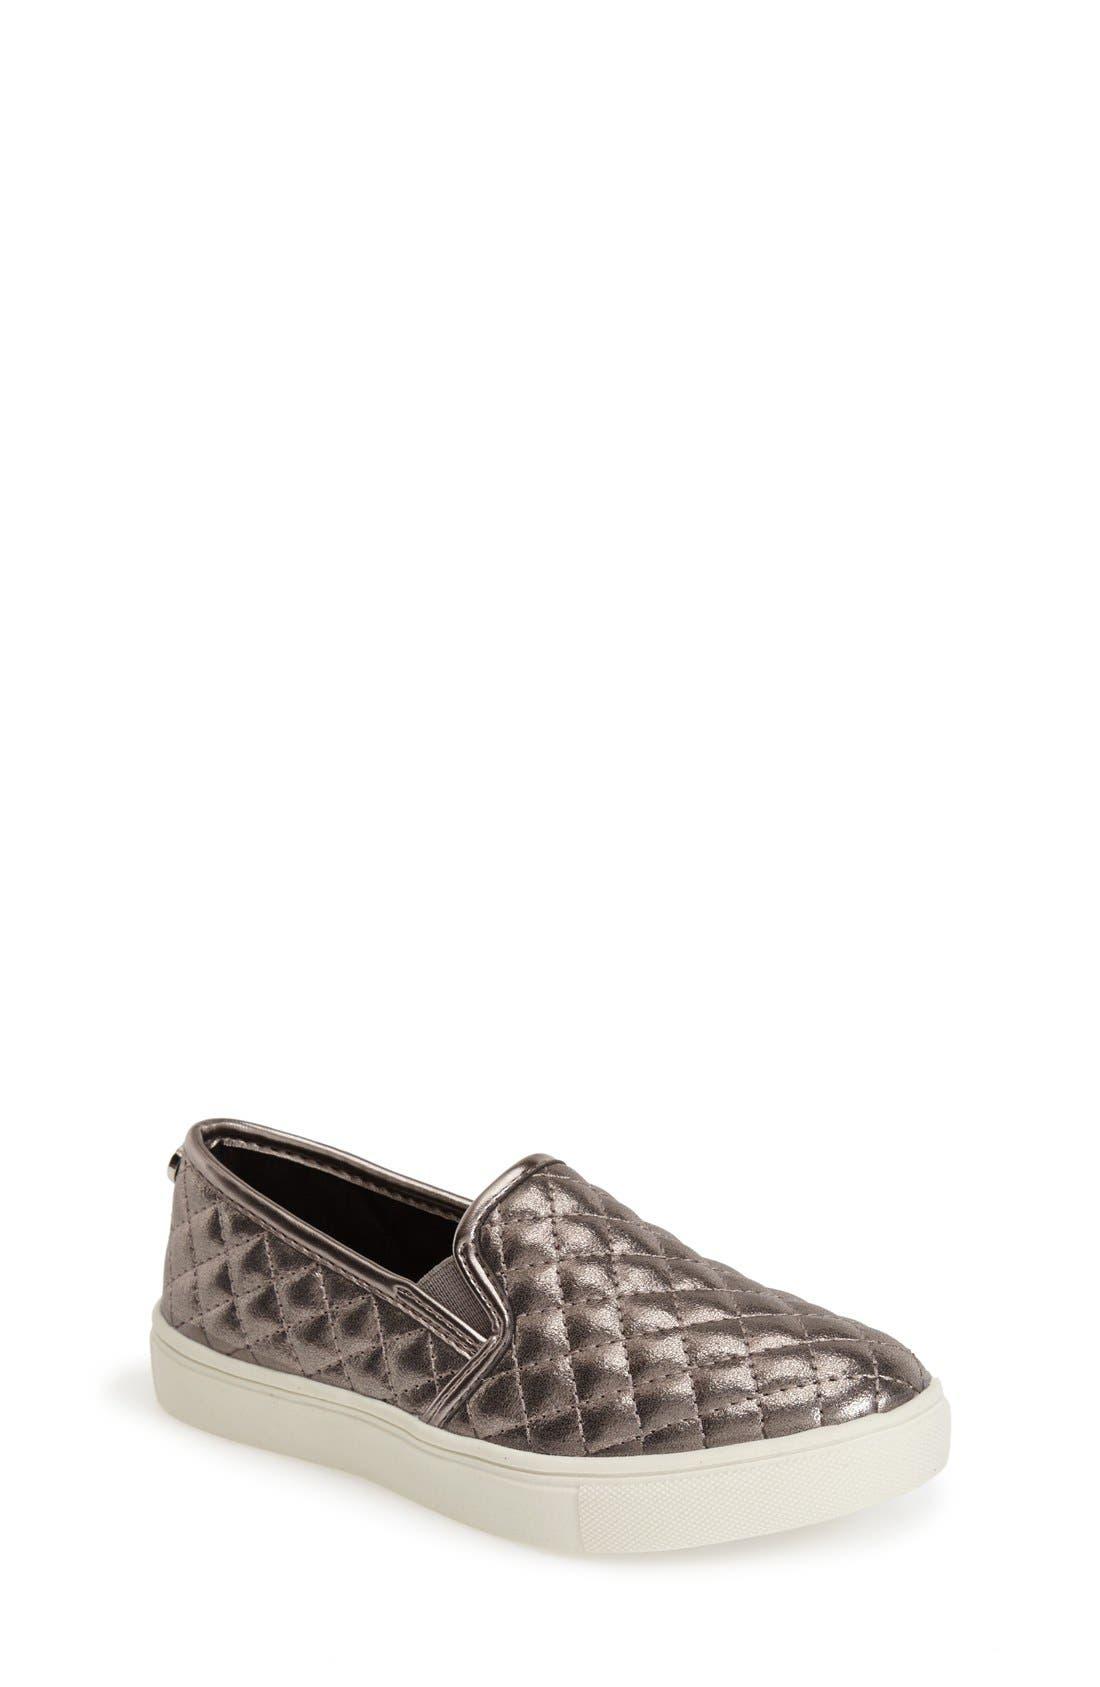 Ecentrcq Sneaker,                         Main,                         color, SILVER